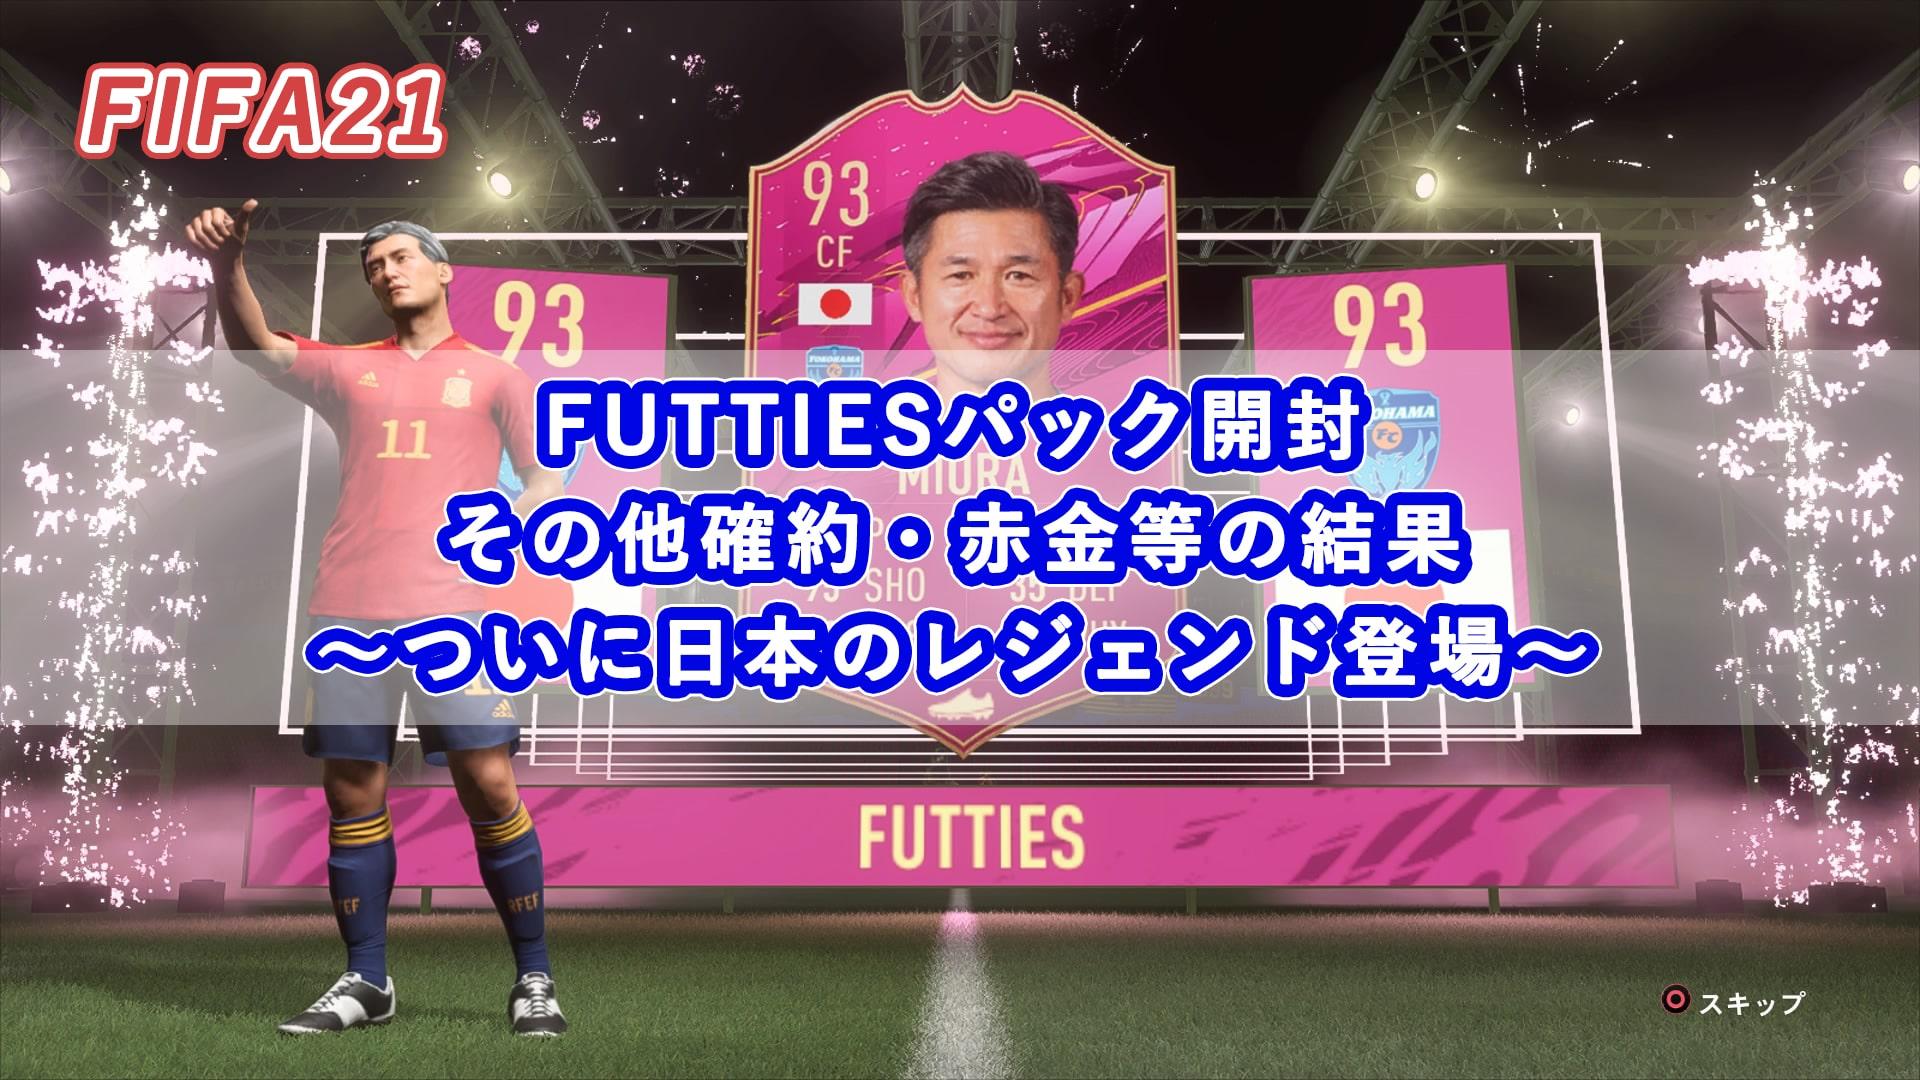 【FIFA21】FUTTIESパック開封・その他確約・赤金等の結果 ~ついに日本のレジェンド登場~